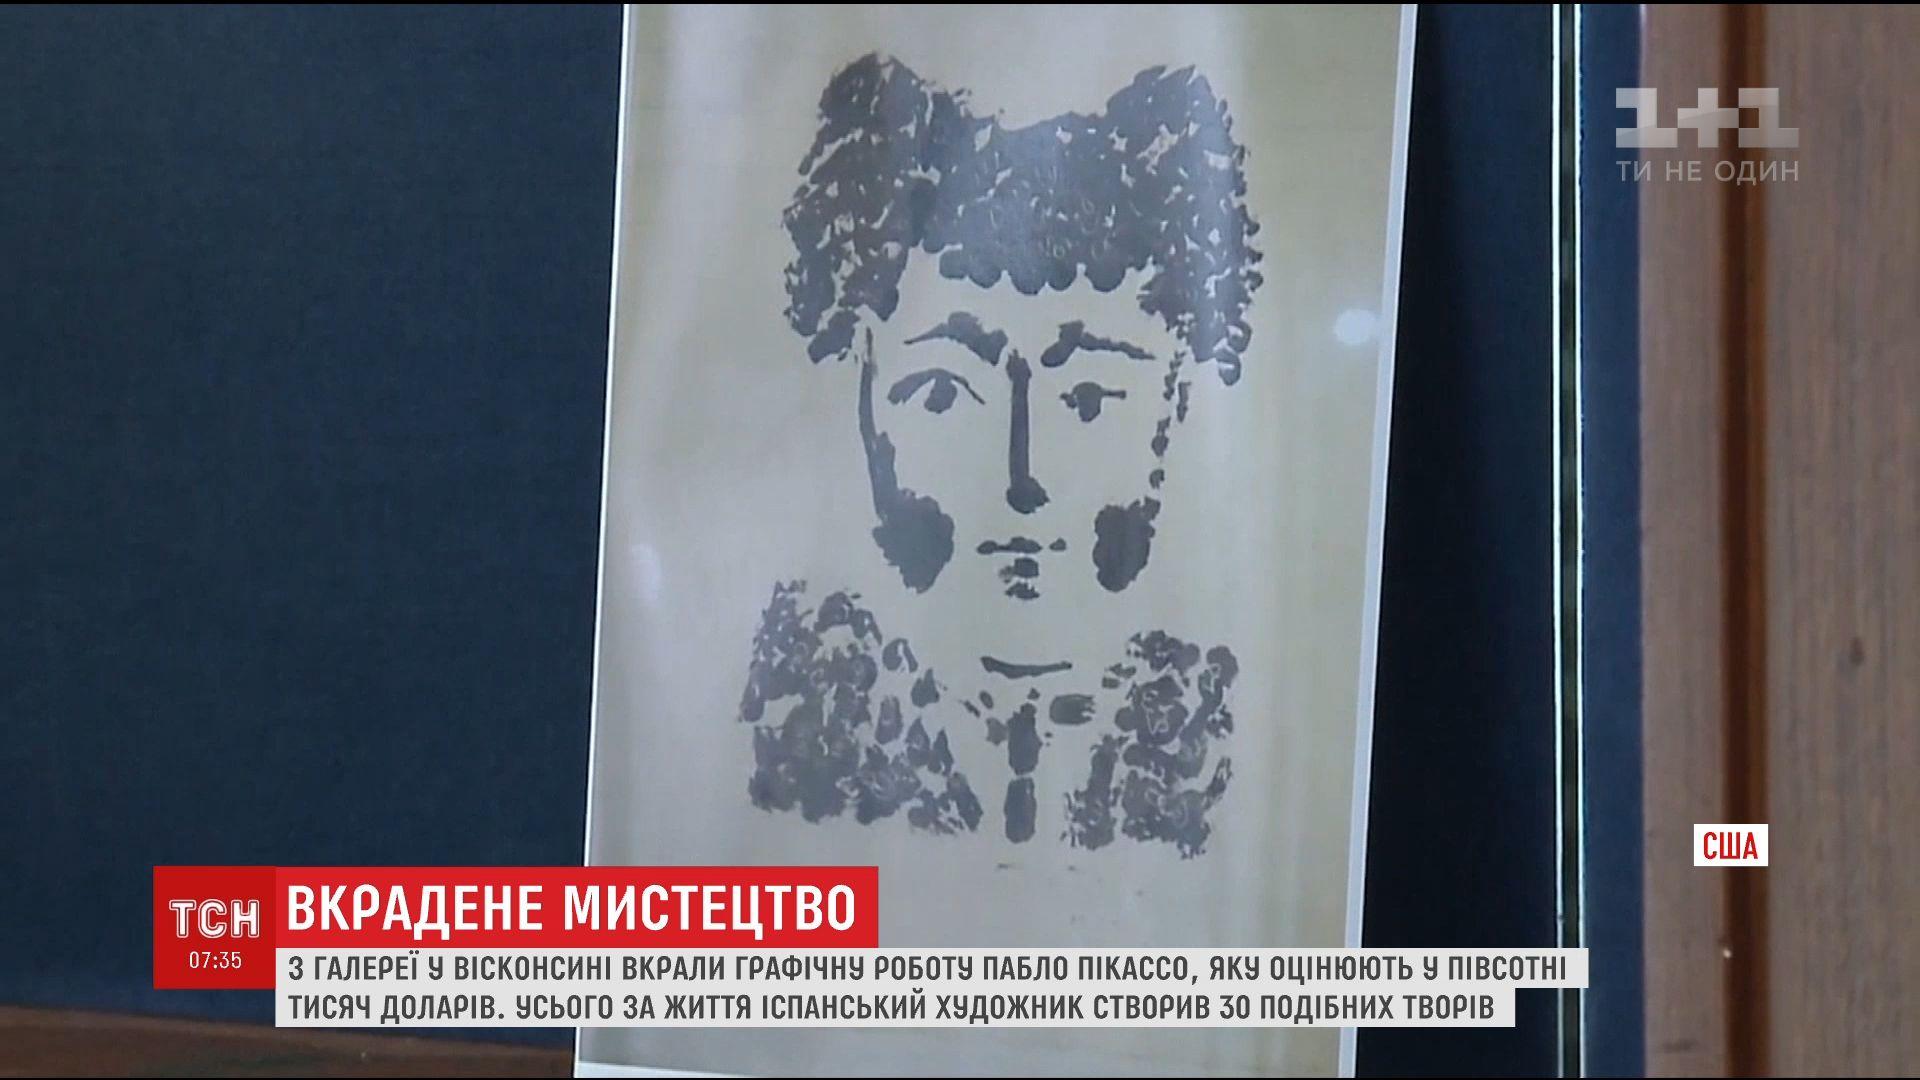 В социальных сетях возникла лже-информация осмерти Сталоне